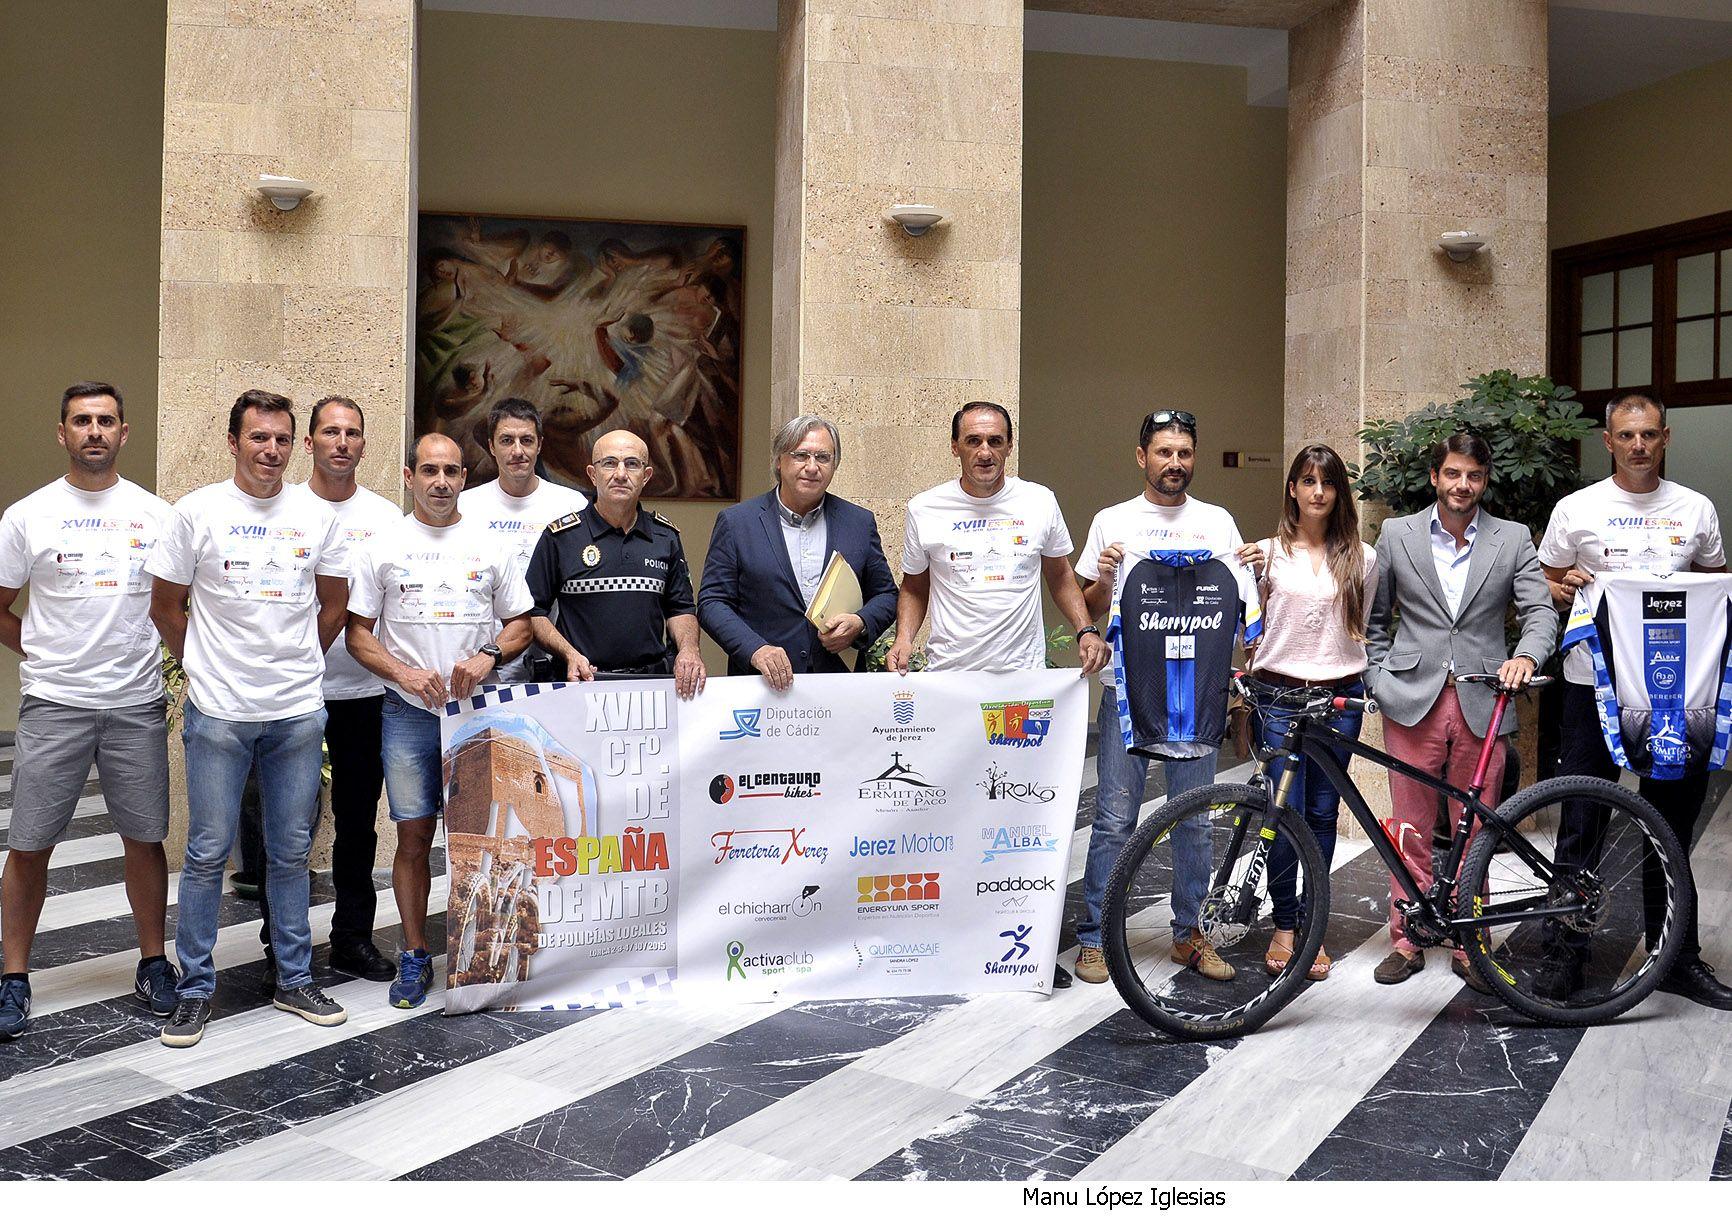 Francisco Camas presidiendo el equipo Sherrypol Mountain Bike en el Ayuntamiento de Jerez. @CiudadJerez